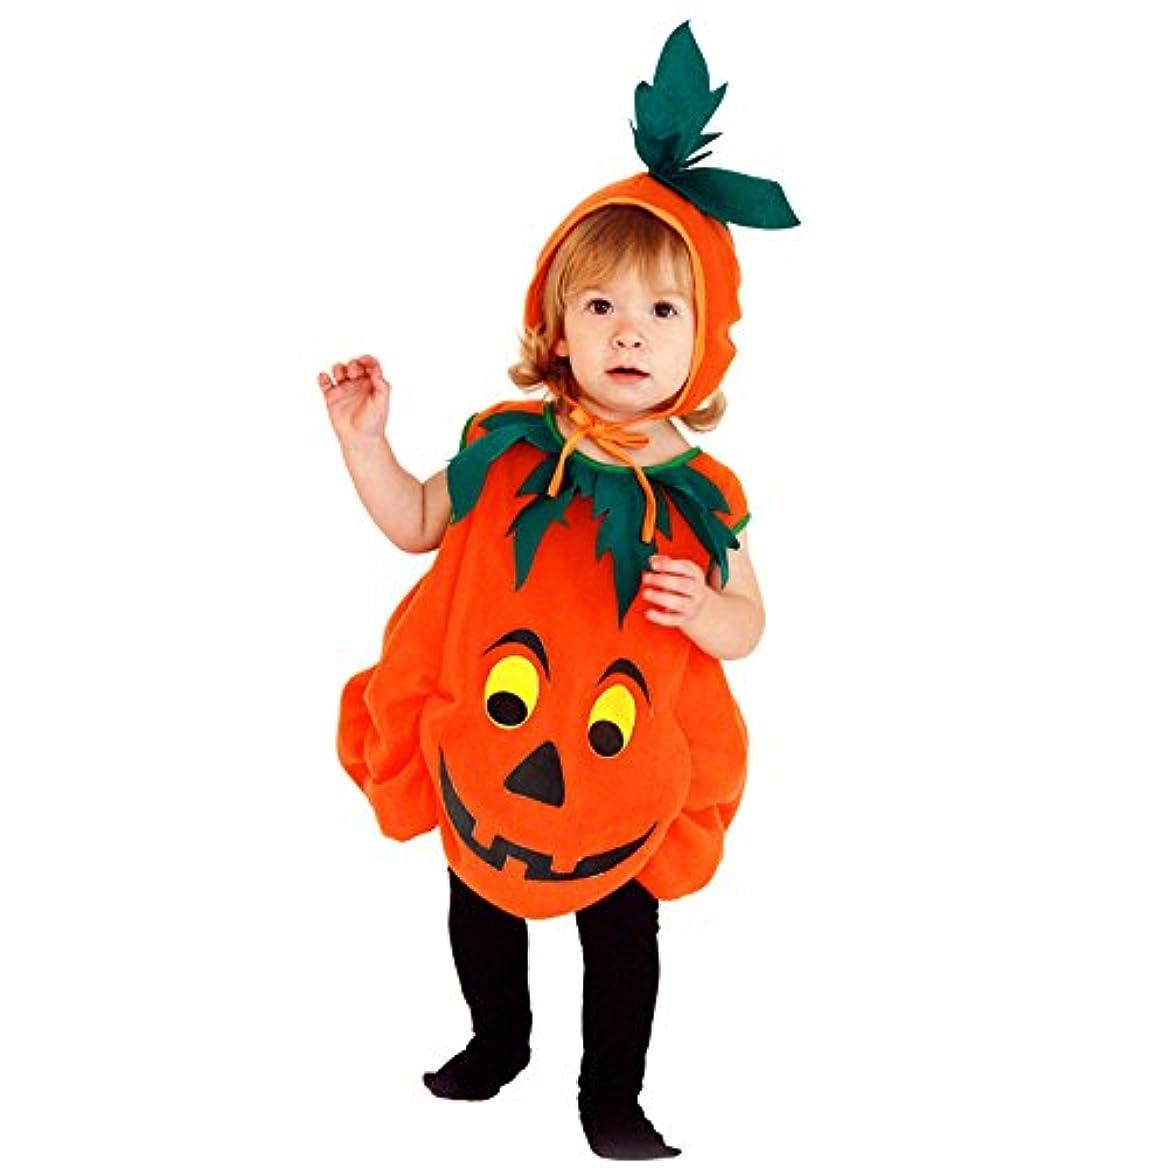 気質航海の工業化するハロウィン 衣装 子供 かぼちゃ ベビー S-win ジャックランタン 女の子 男の子 子供用 仮装 ダンス衣装 赤ちゃん 着ぐるみ パンプキンコスチューム